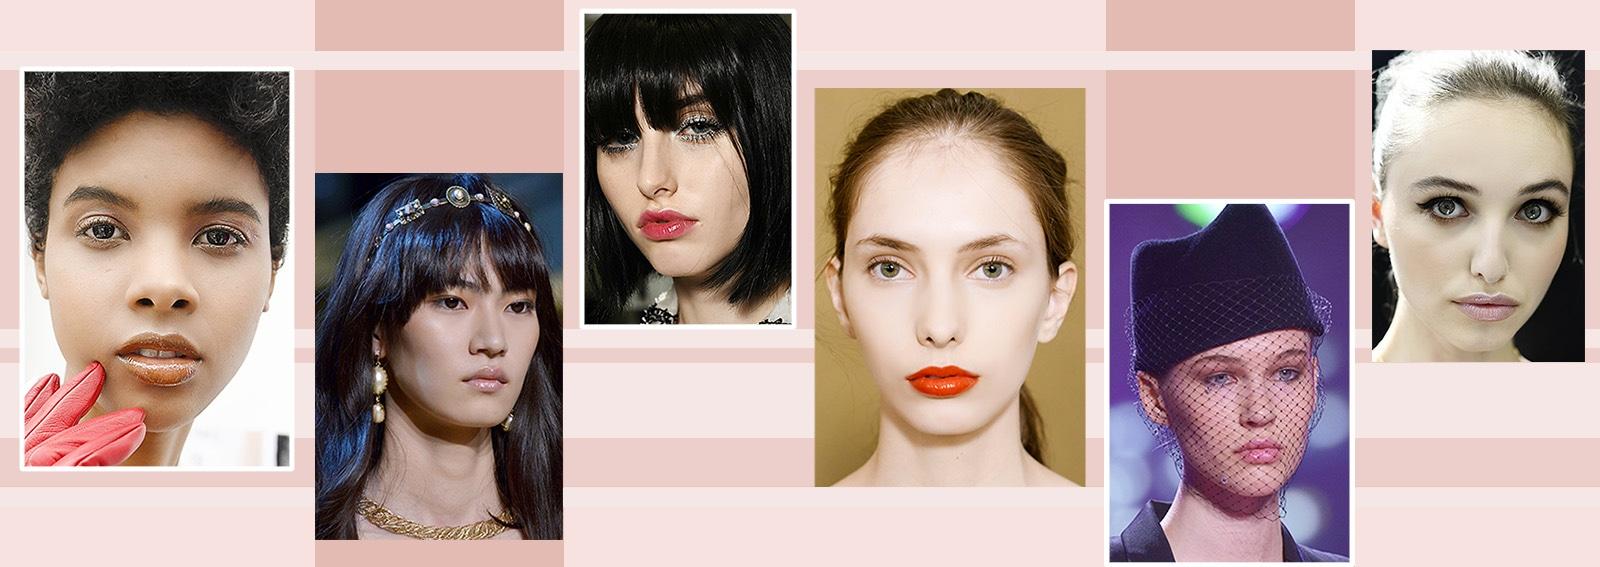 Labbra lucide: la tendenza shiny del momento